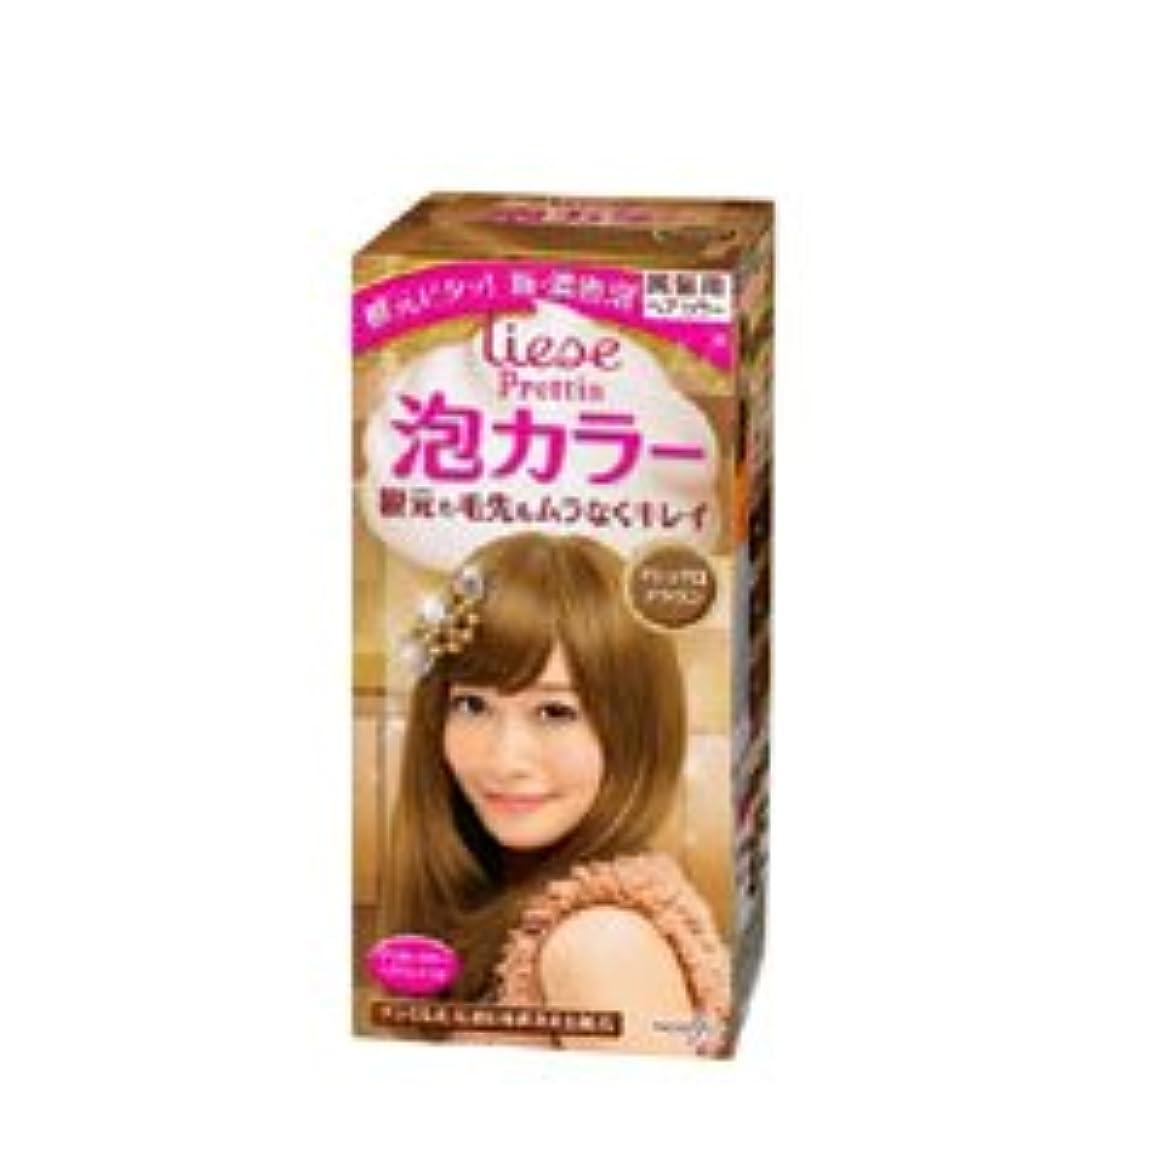 ふくろうオゾン公平【花王】リーゼプリティア 泡カラー マシュマロブラウン